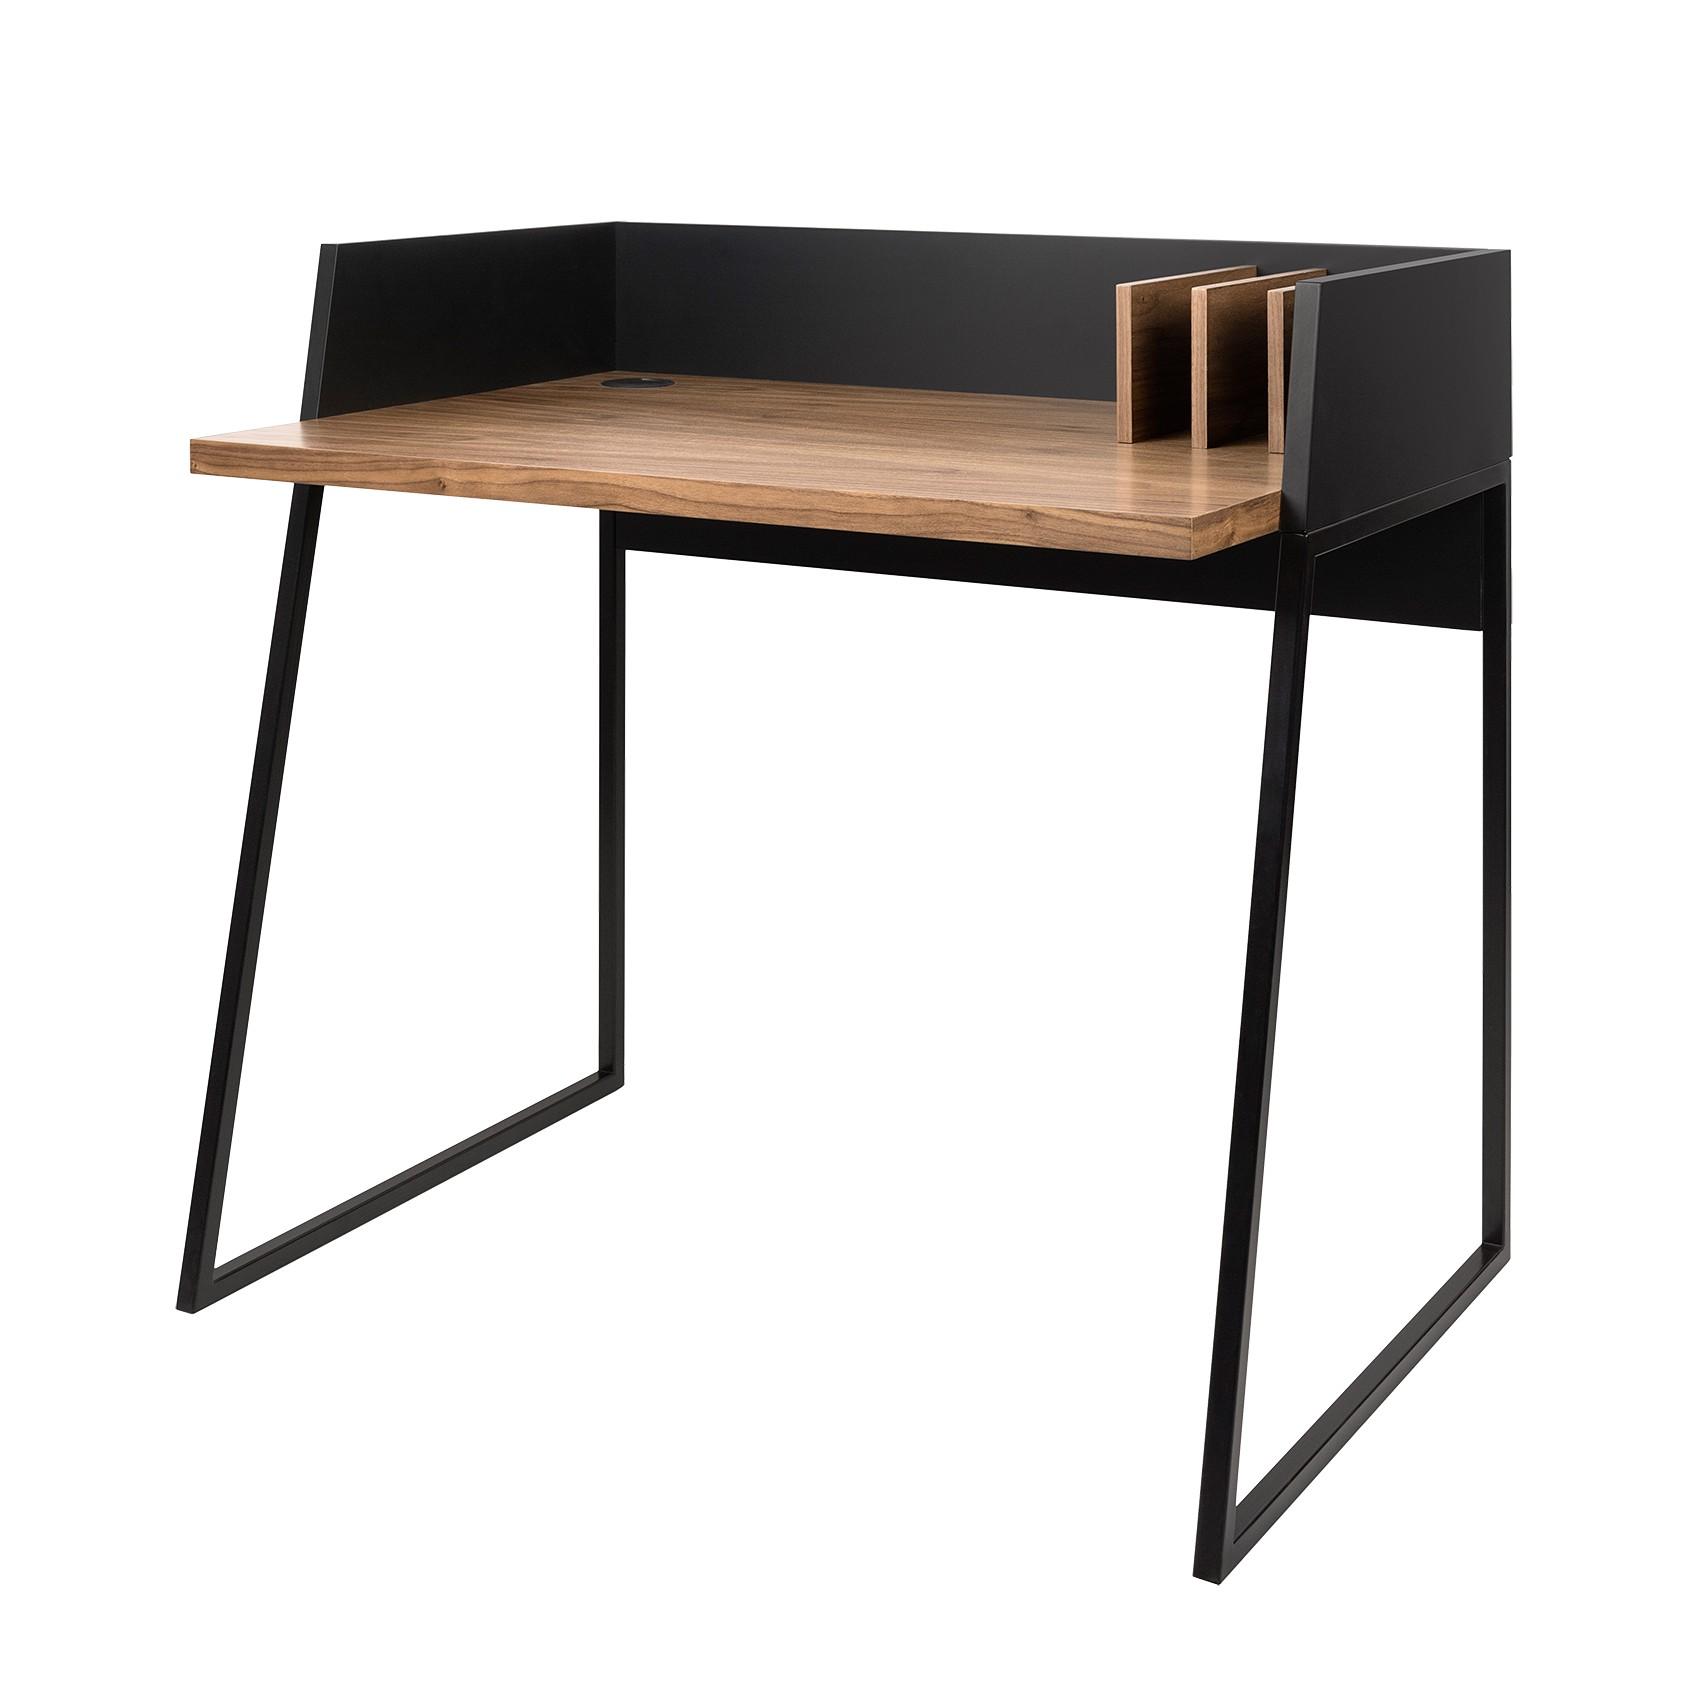 Schreibtisch walnuss preis vergleich 2016 for Schreibtisch amazon